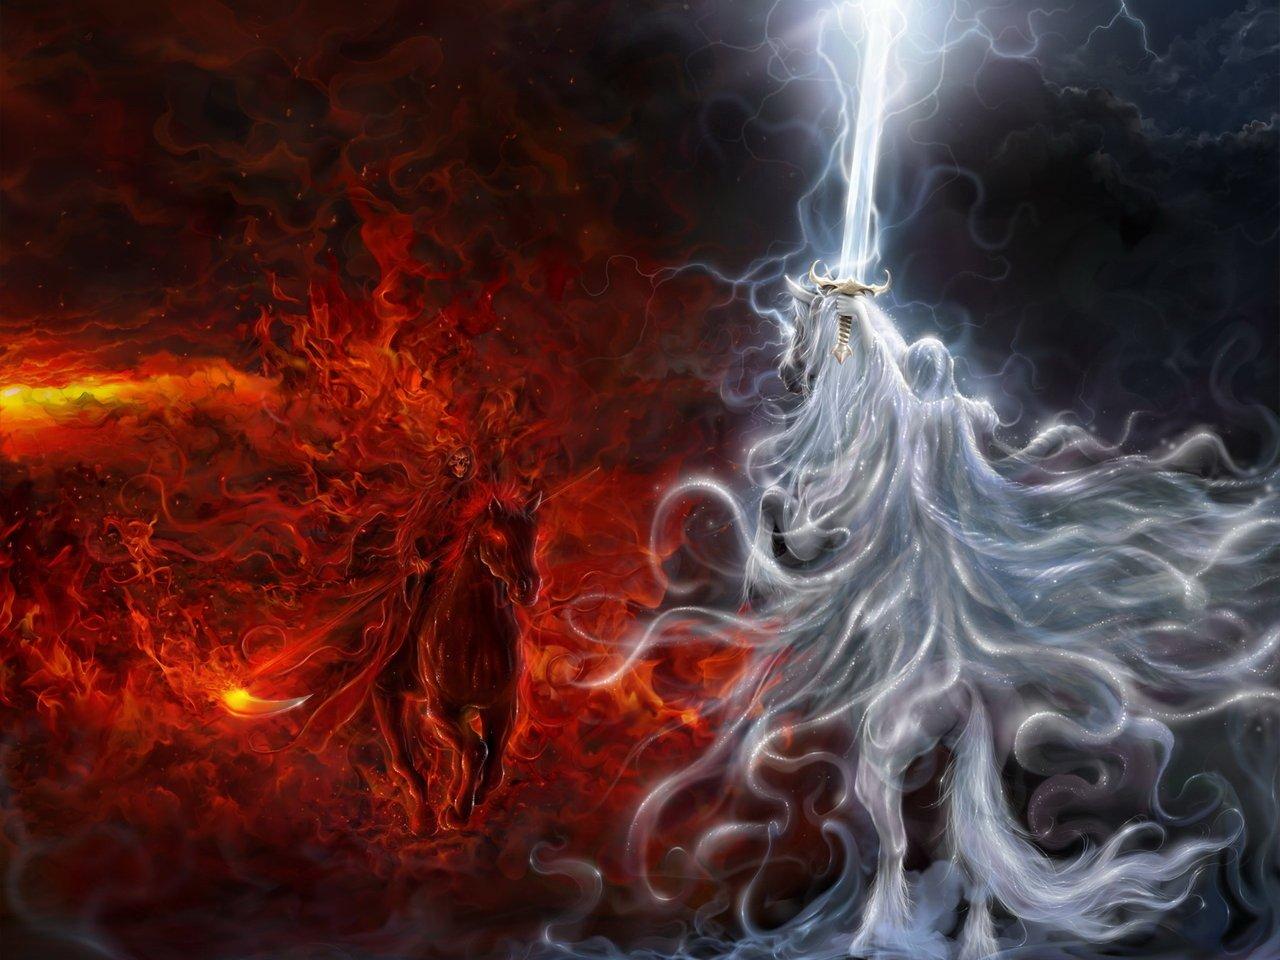 Fantasía - Batalla  Good Vs. Evil Ángel Demonio Caballo Espada Relámpago Fuego Death Luz Fondo de Pantalla